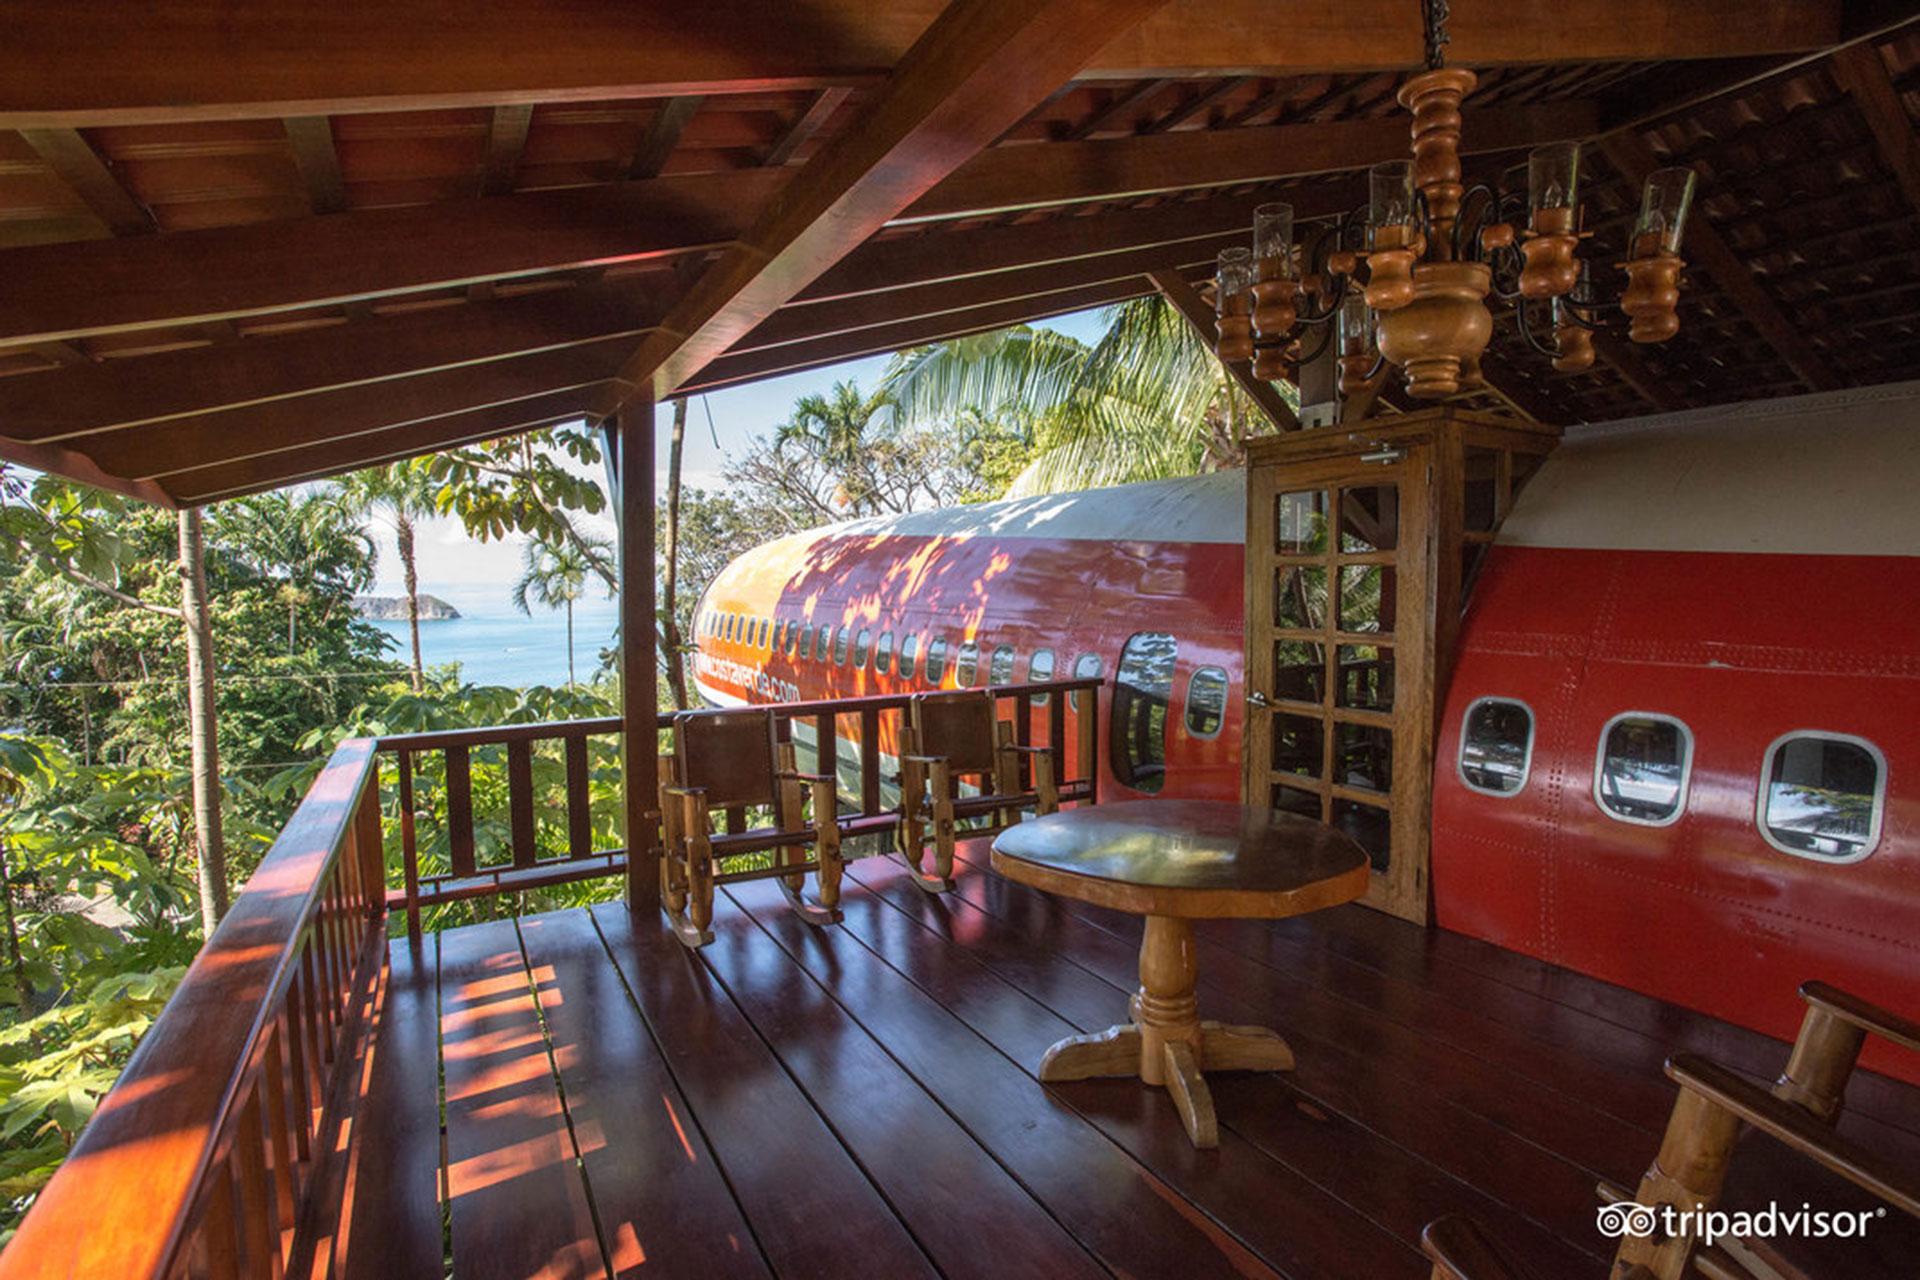 Hotel Costa Verde in Costa Rica